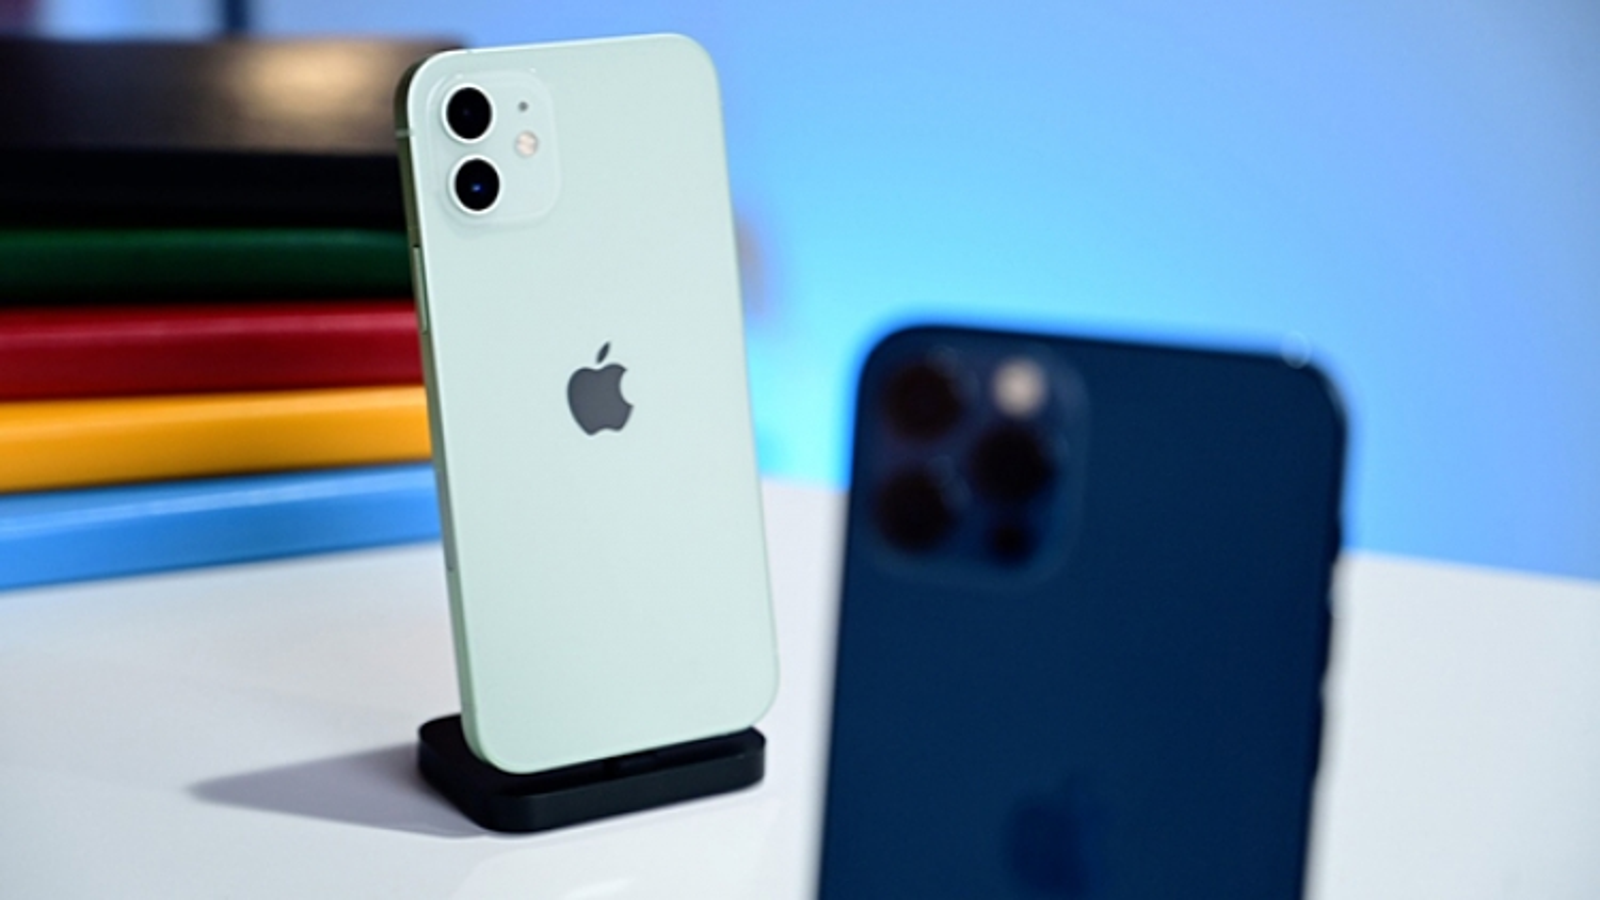 Làm sao để trở thành cao thủ chụp ảnh trên iPhone 12/iPhone 12 Pro?